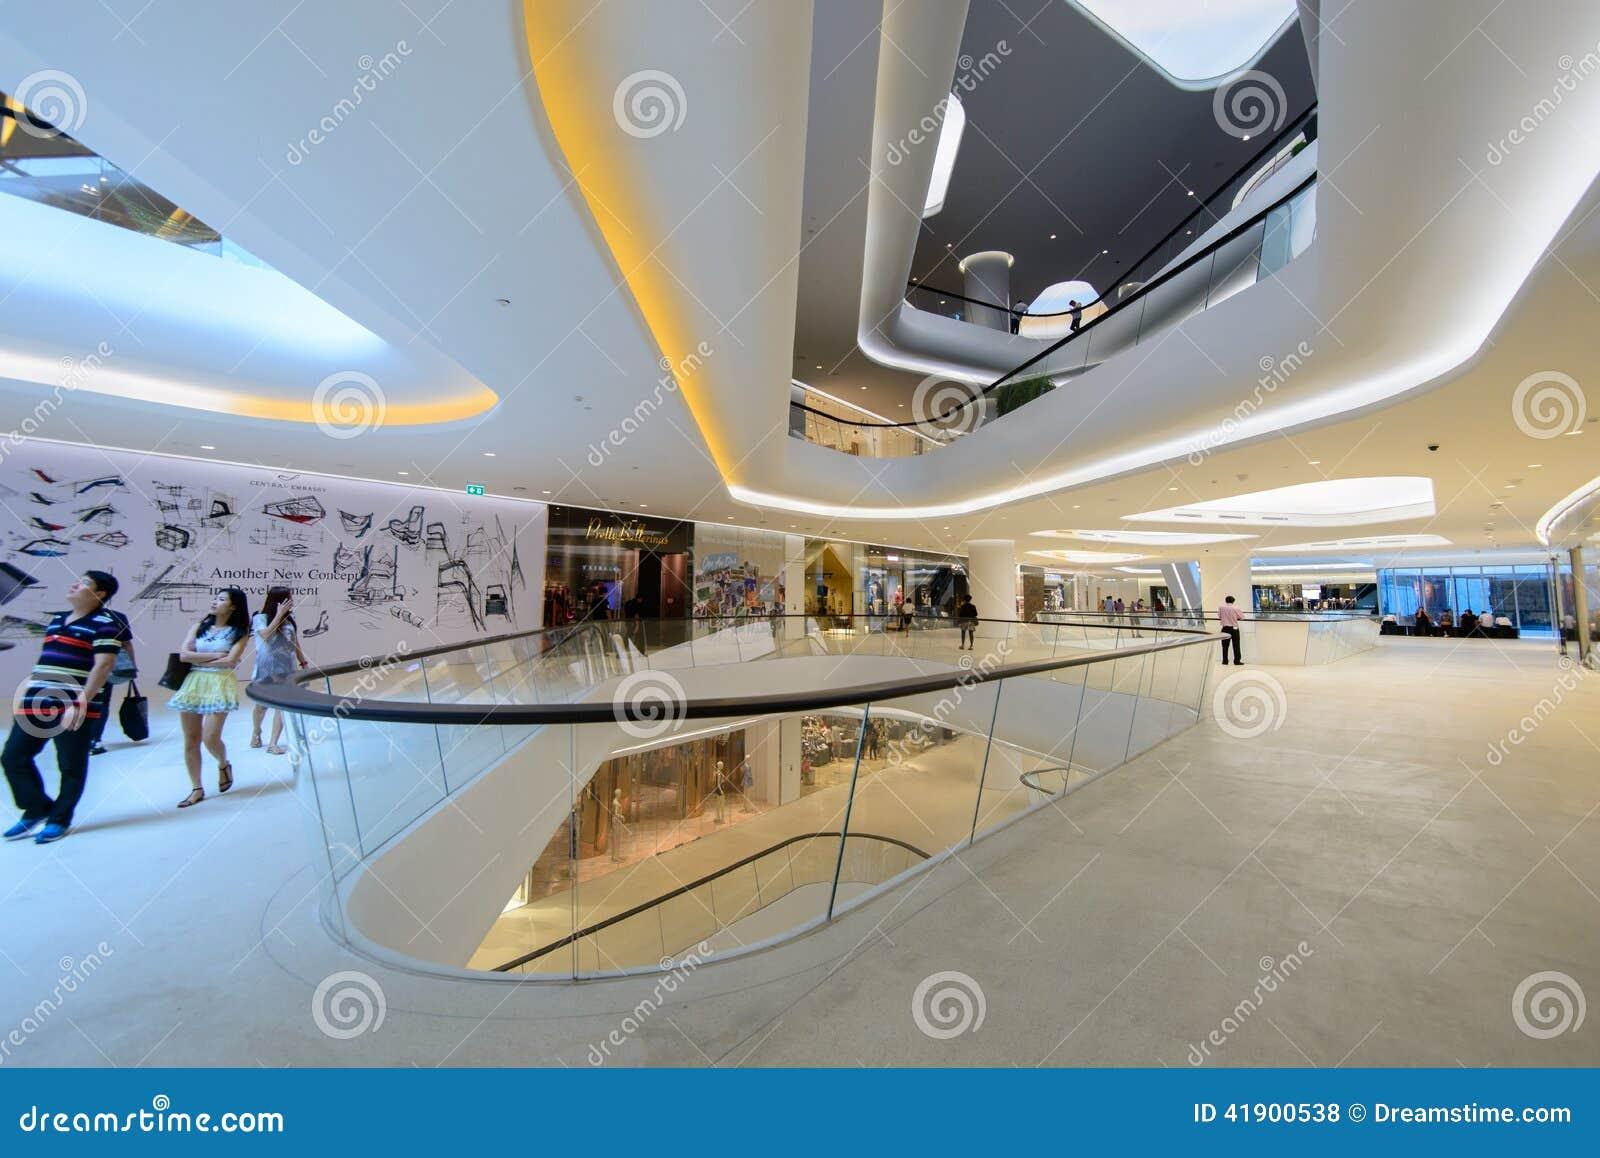 Embajada central es un centro comercial, Pattana central poseído